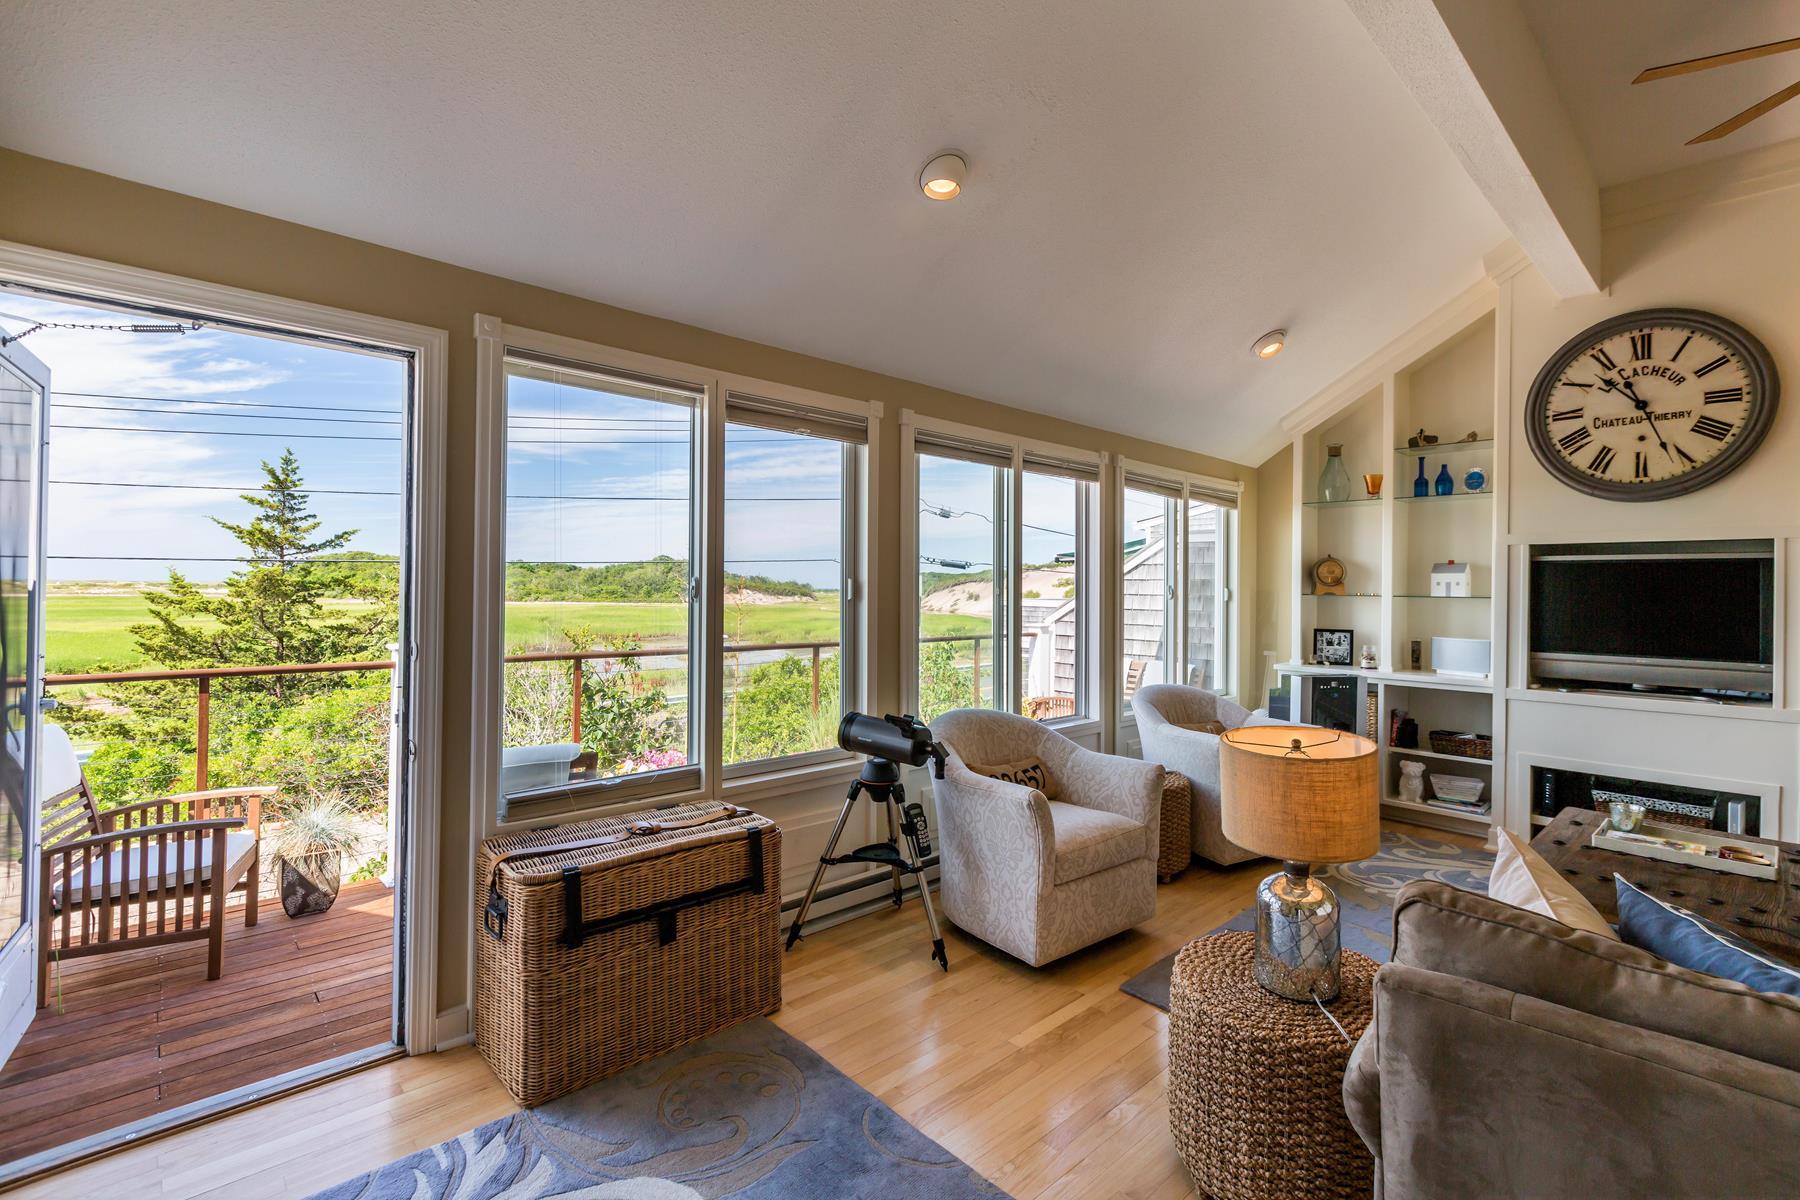 Кооперативная квартира для того Продажа на Hatches Harbor Condominium 75 Province Lands Road, Unit 2 Provincetown, Массачусетс 02657 Соединенные Штаты